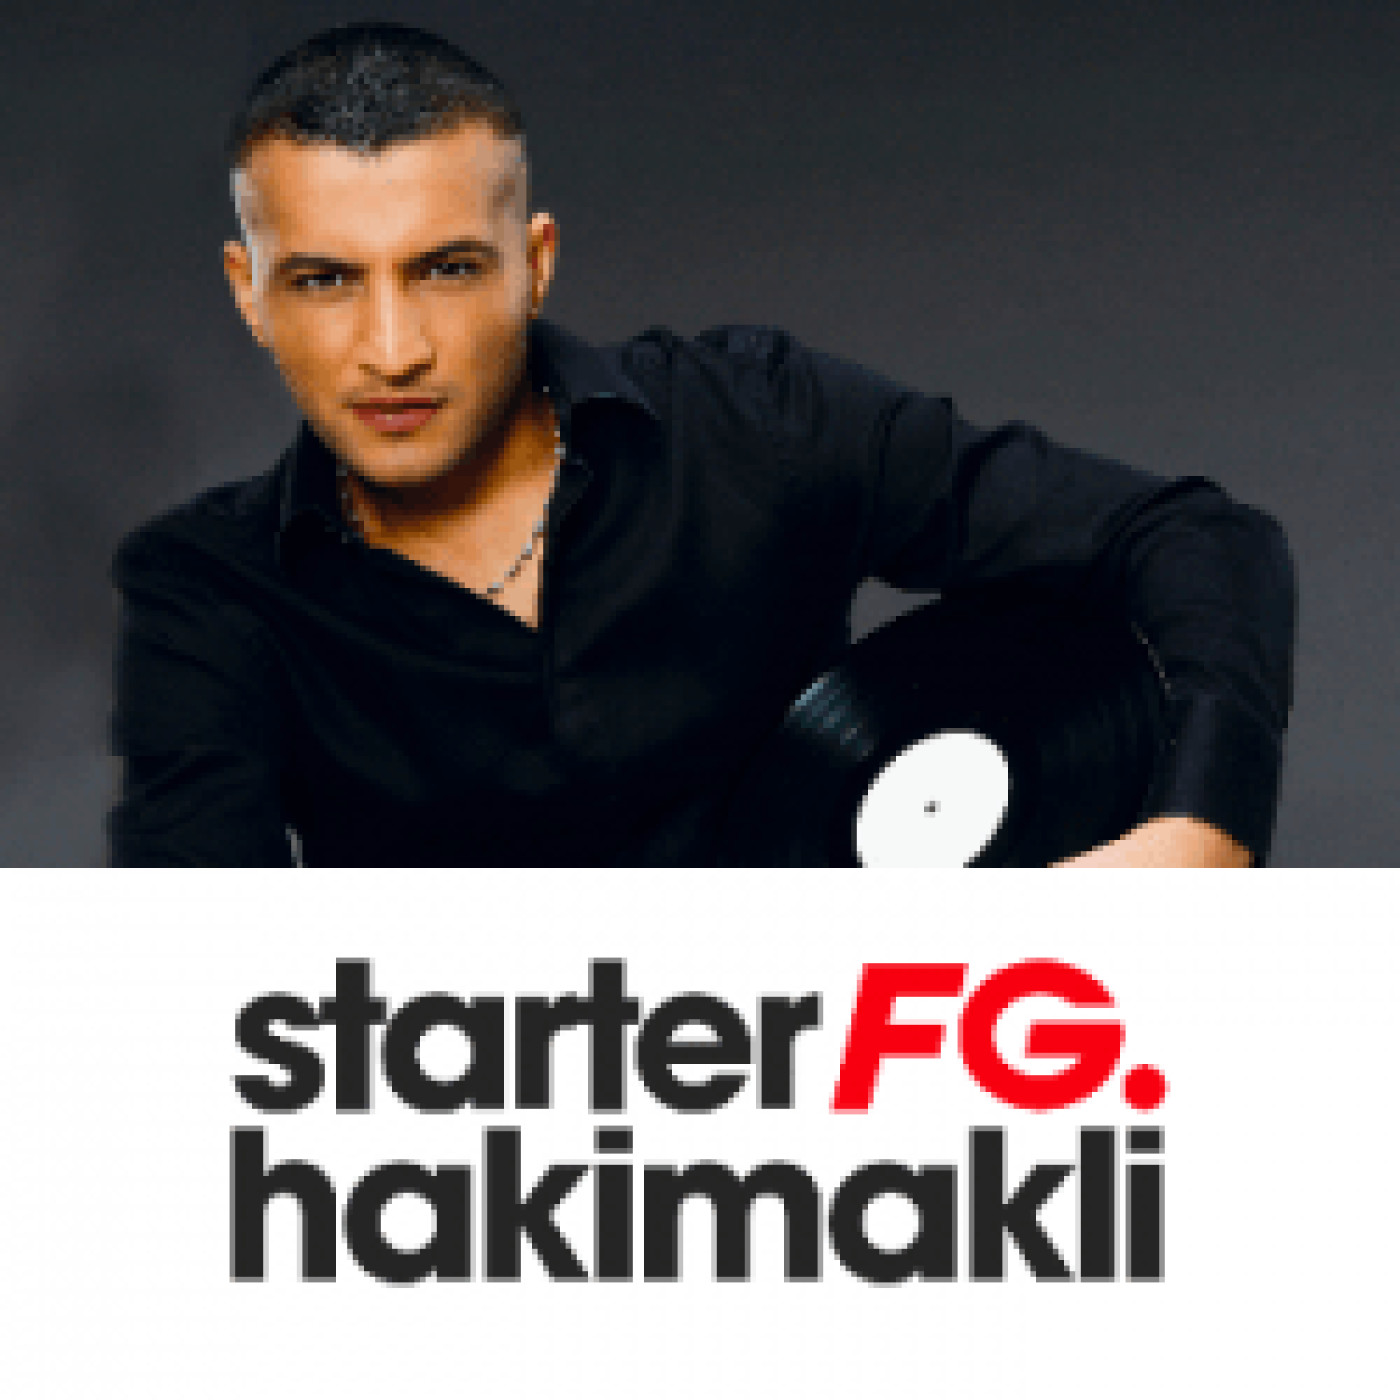 STARTER FG BY HAKIMAKLI JEUDI 7 JANVIER 2021